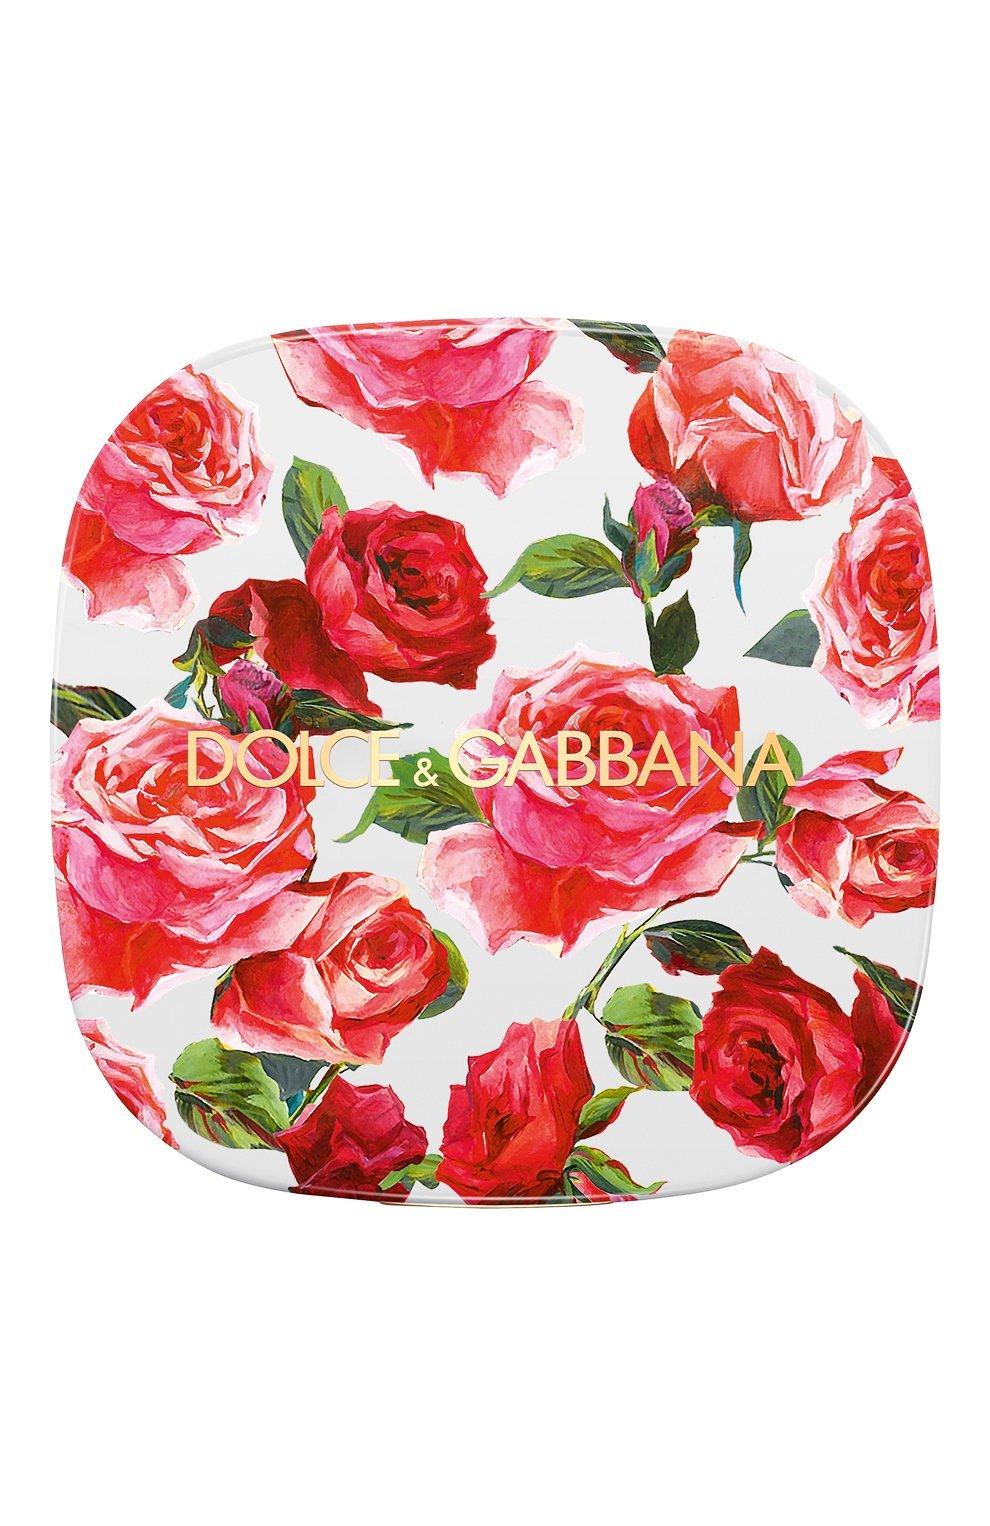 Dolce & Gabbana Luminous Cheek Colour The Blush